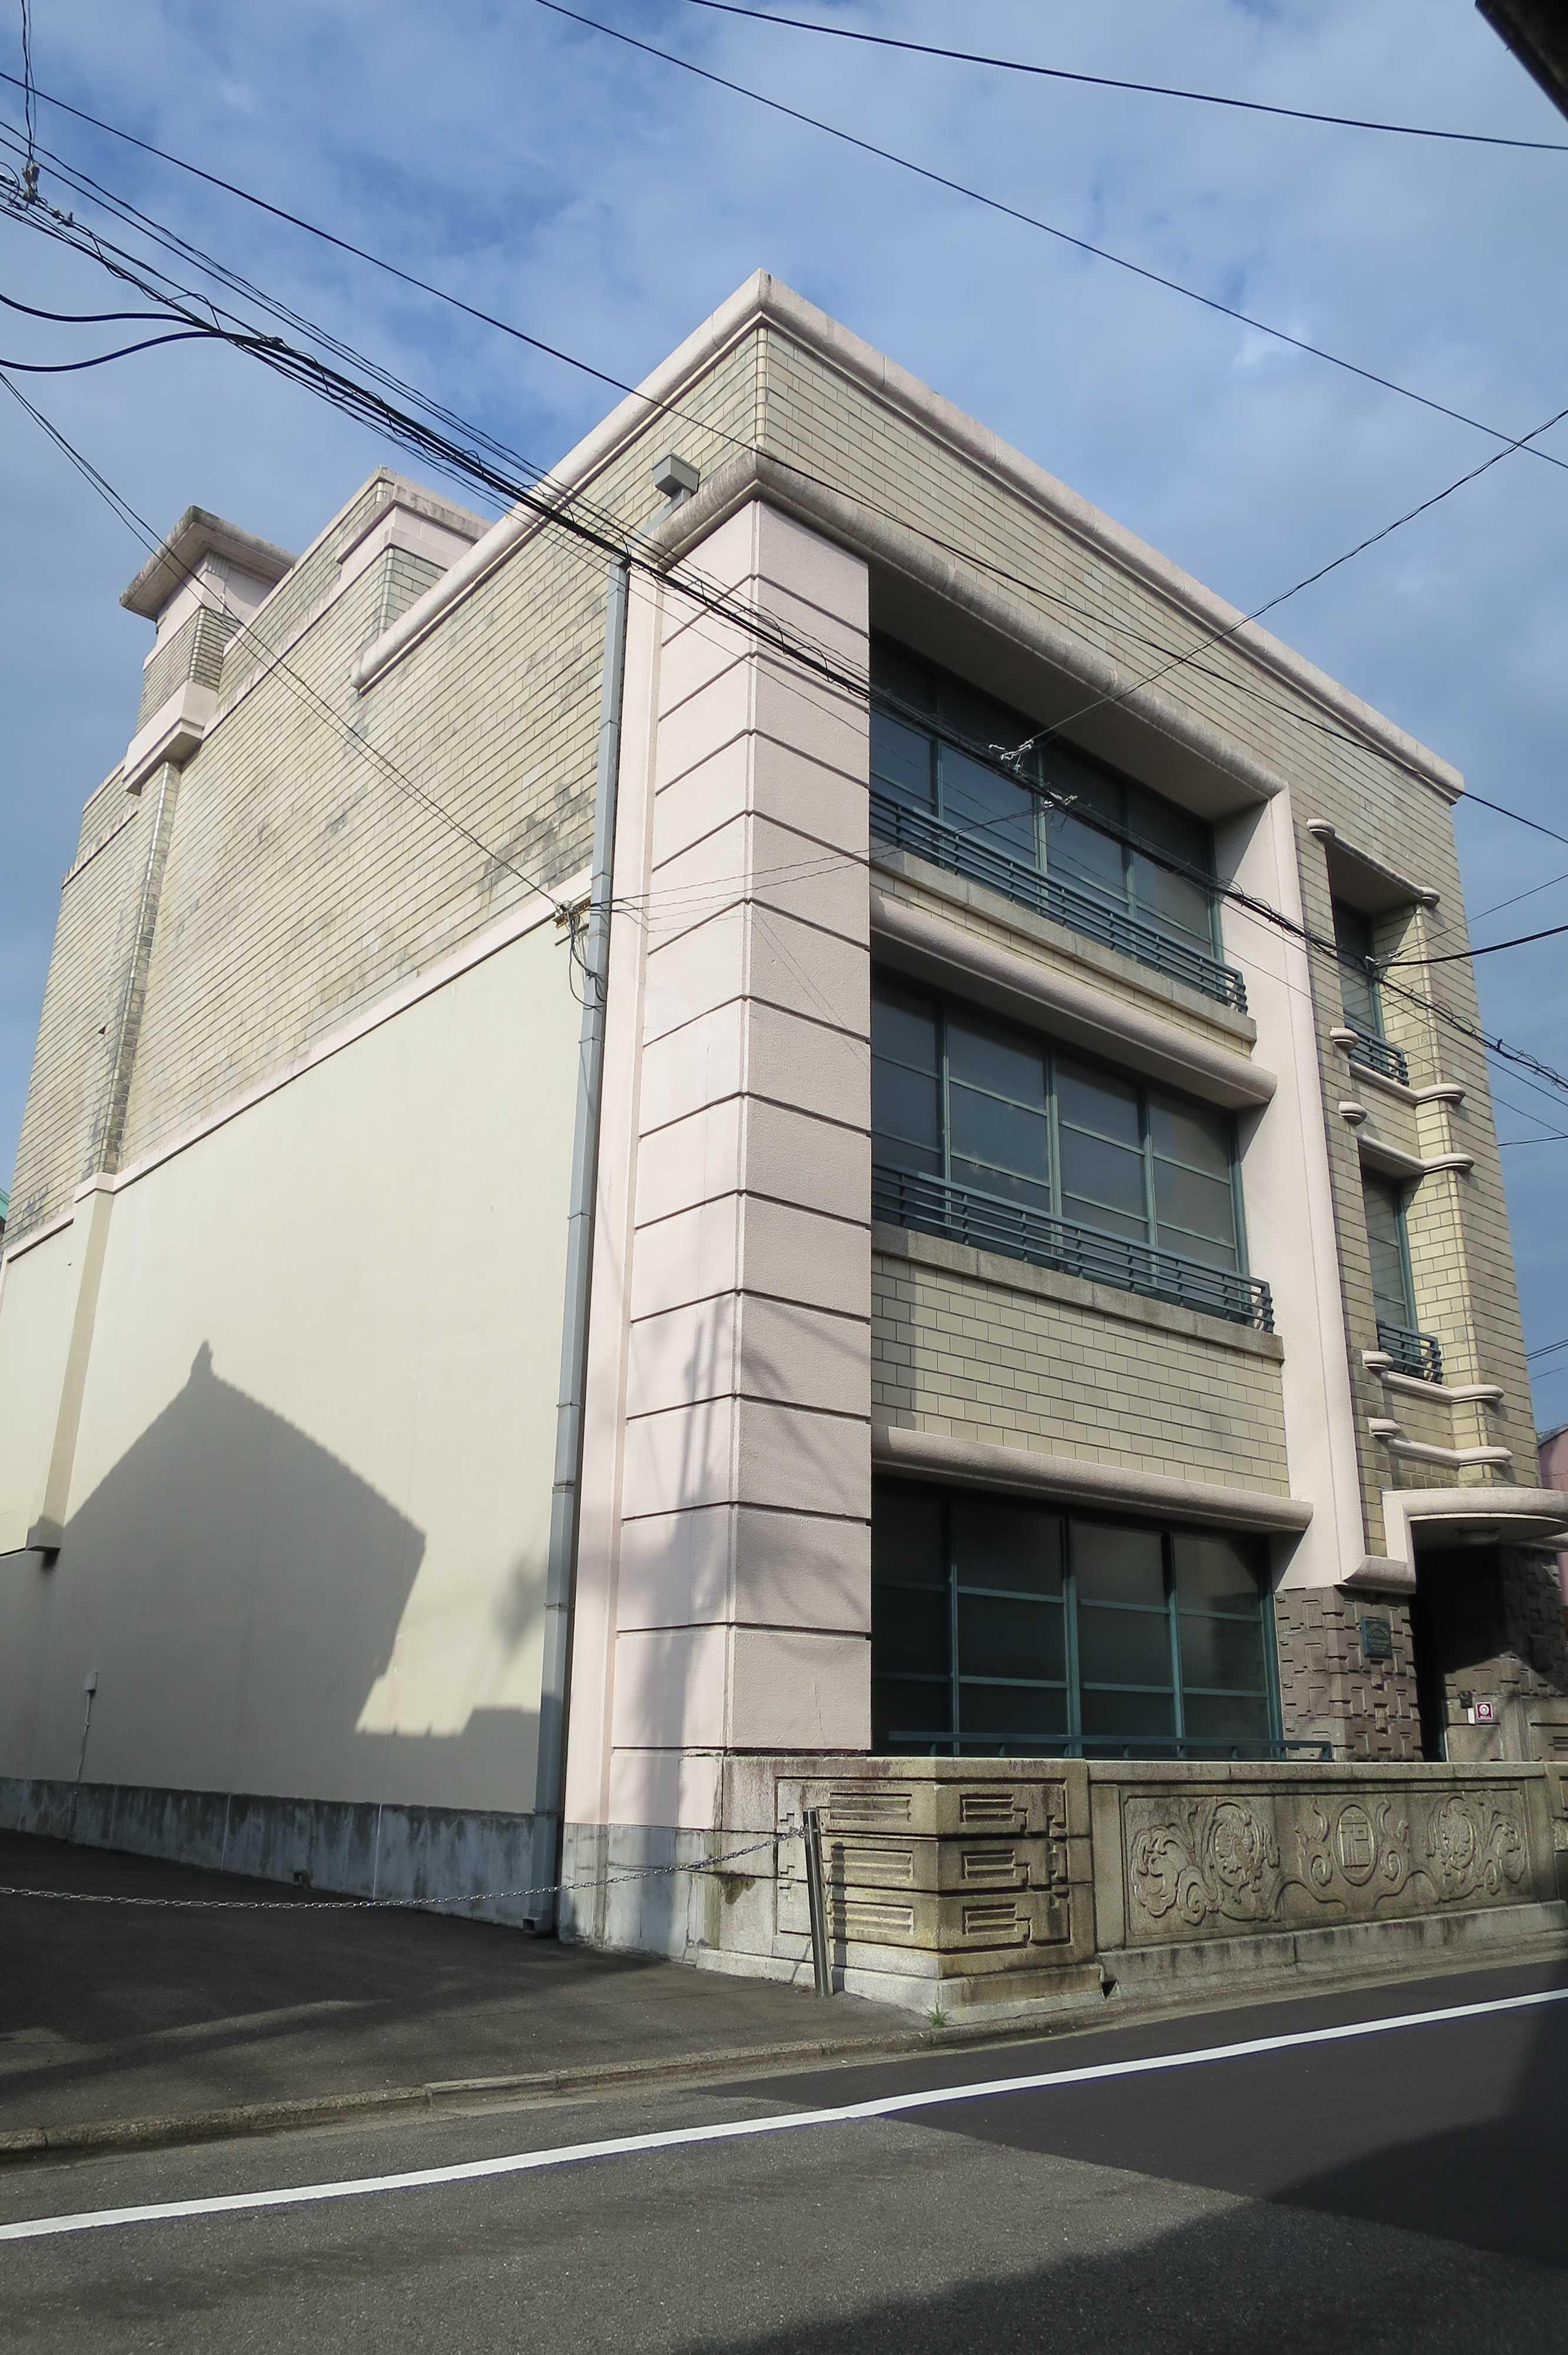 京都・五条 - 山内任天堂 旧本社社屋